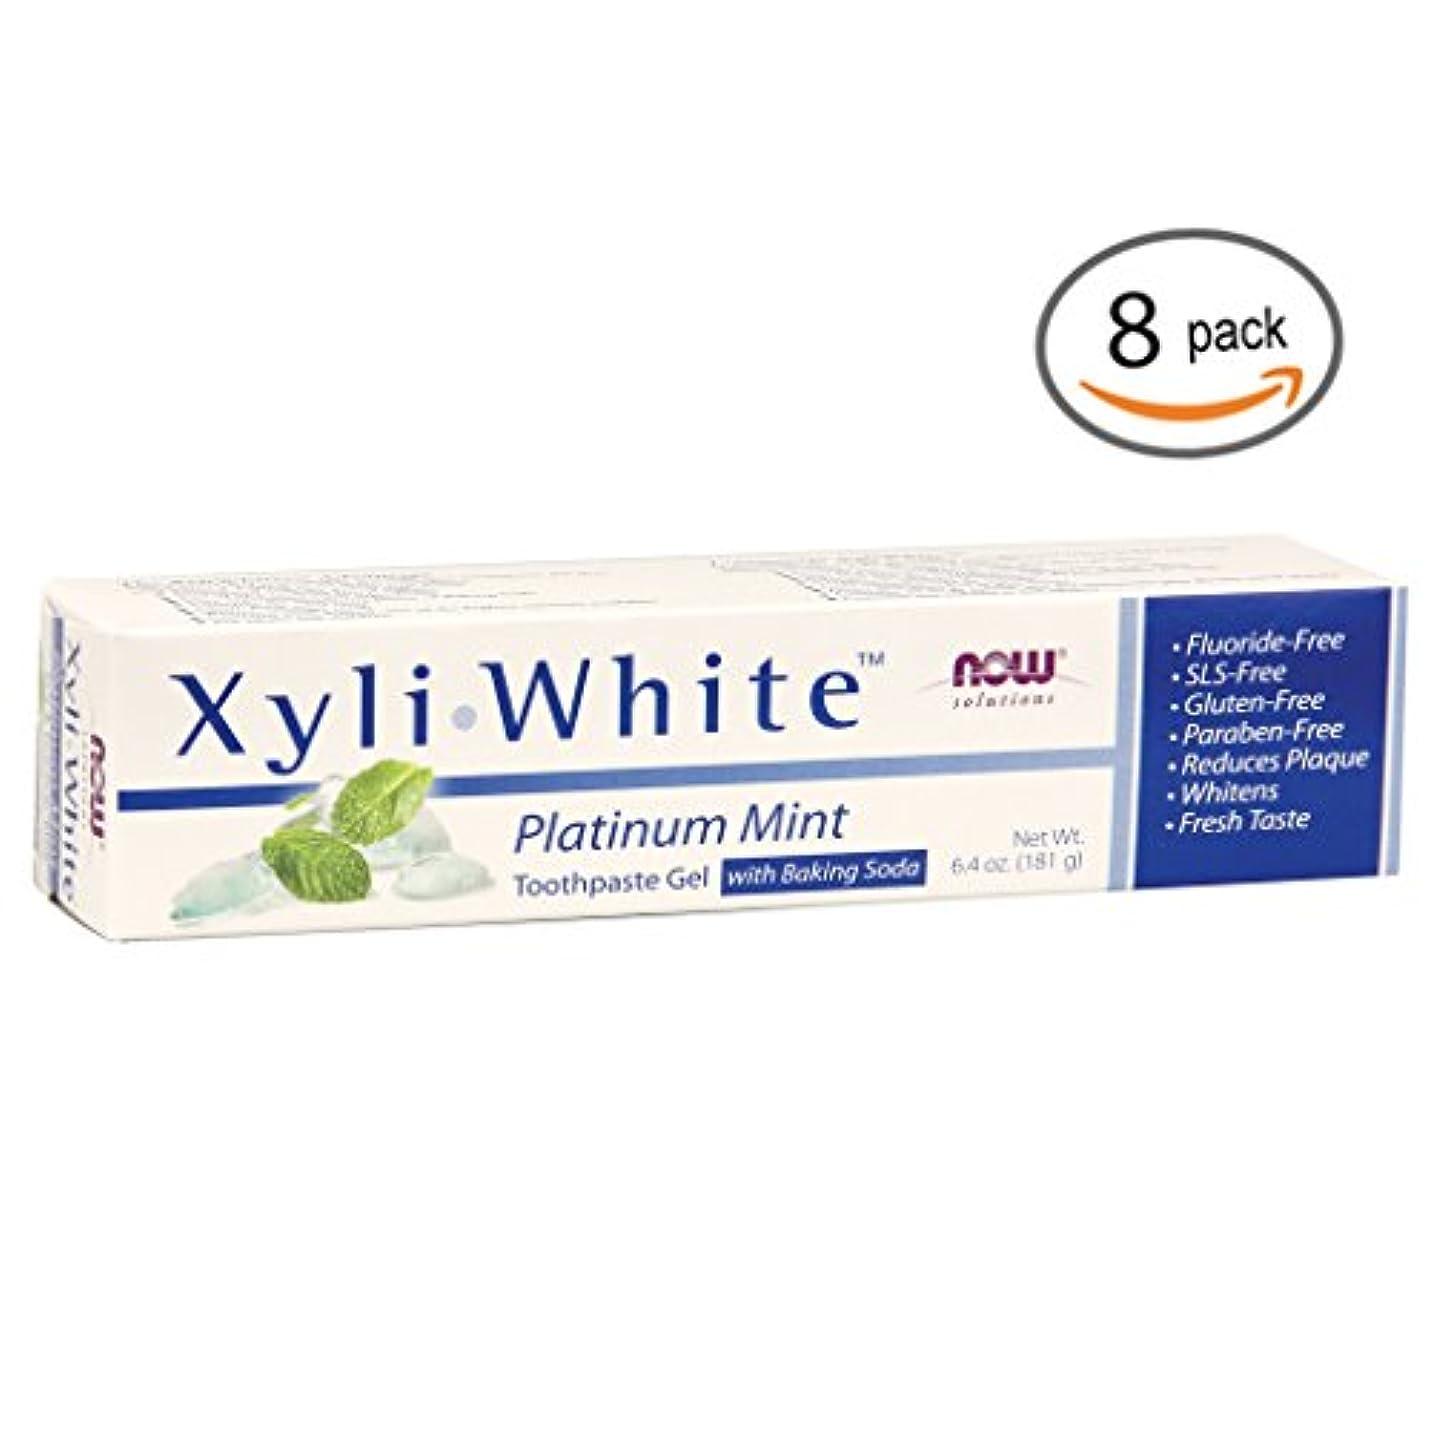 コイルそこカジュアルキシリホワイト 歯磨き粉  プラチナミント+ベーキングソーダ 182g 2個パック